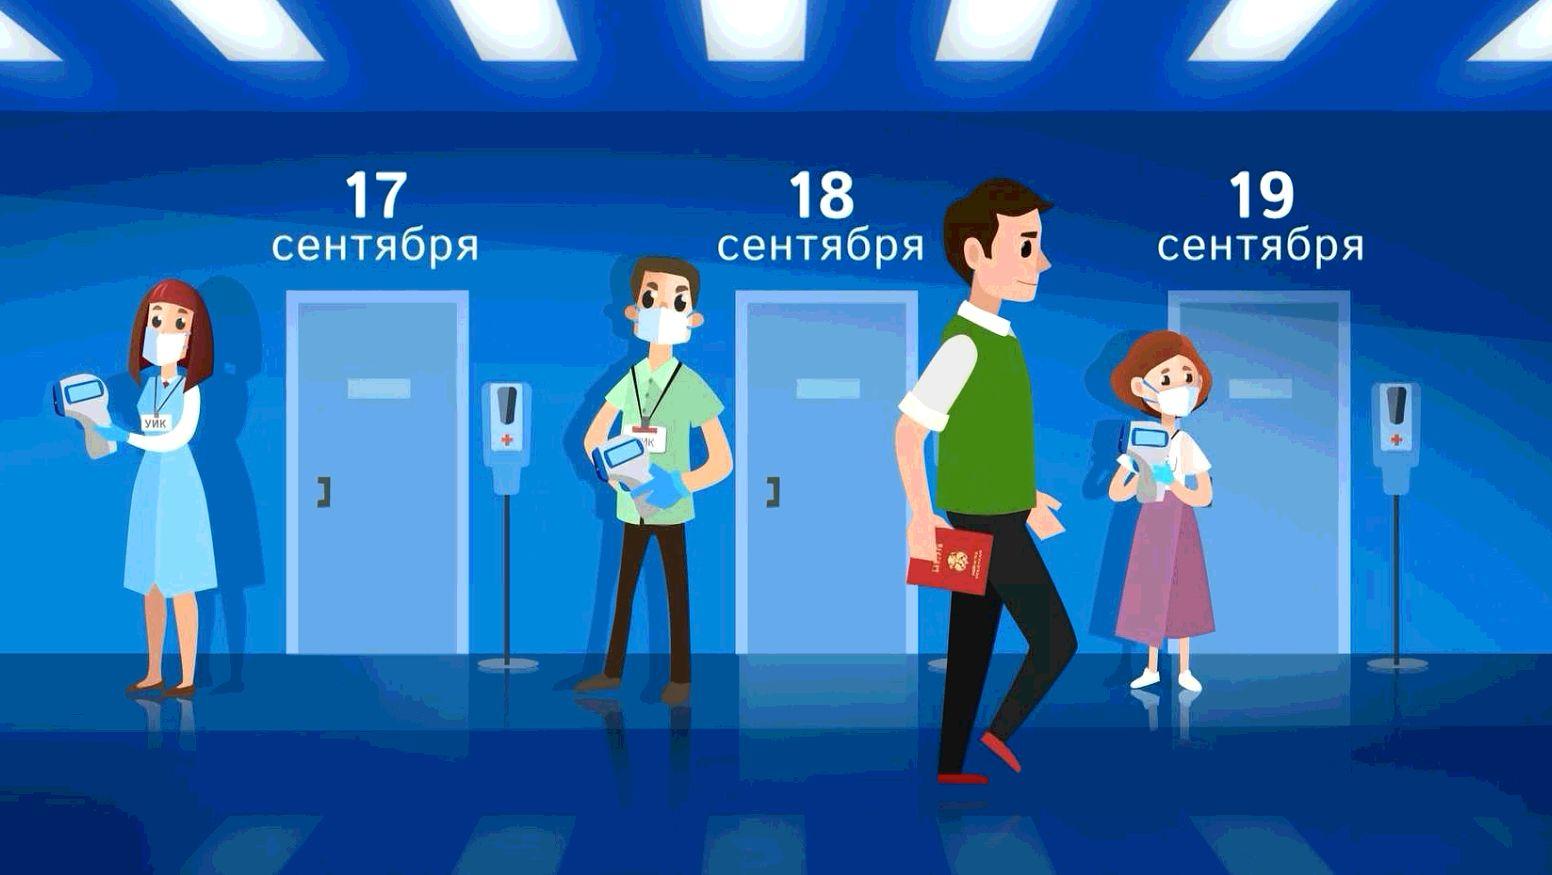 Более восьмисот избирательных участков открылись на территории Ярославской области